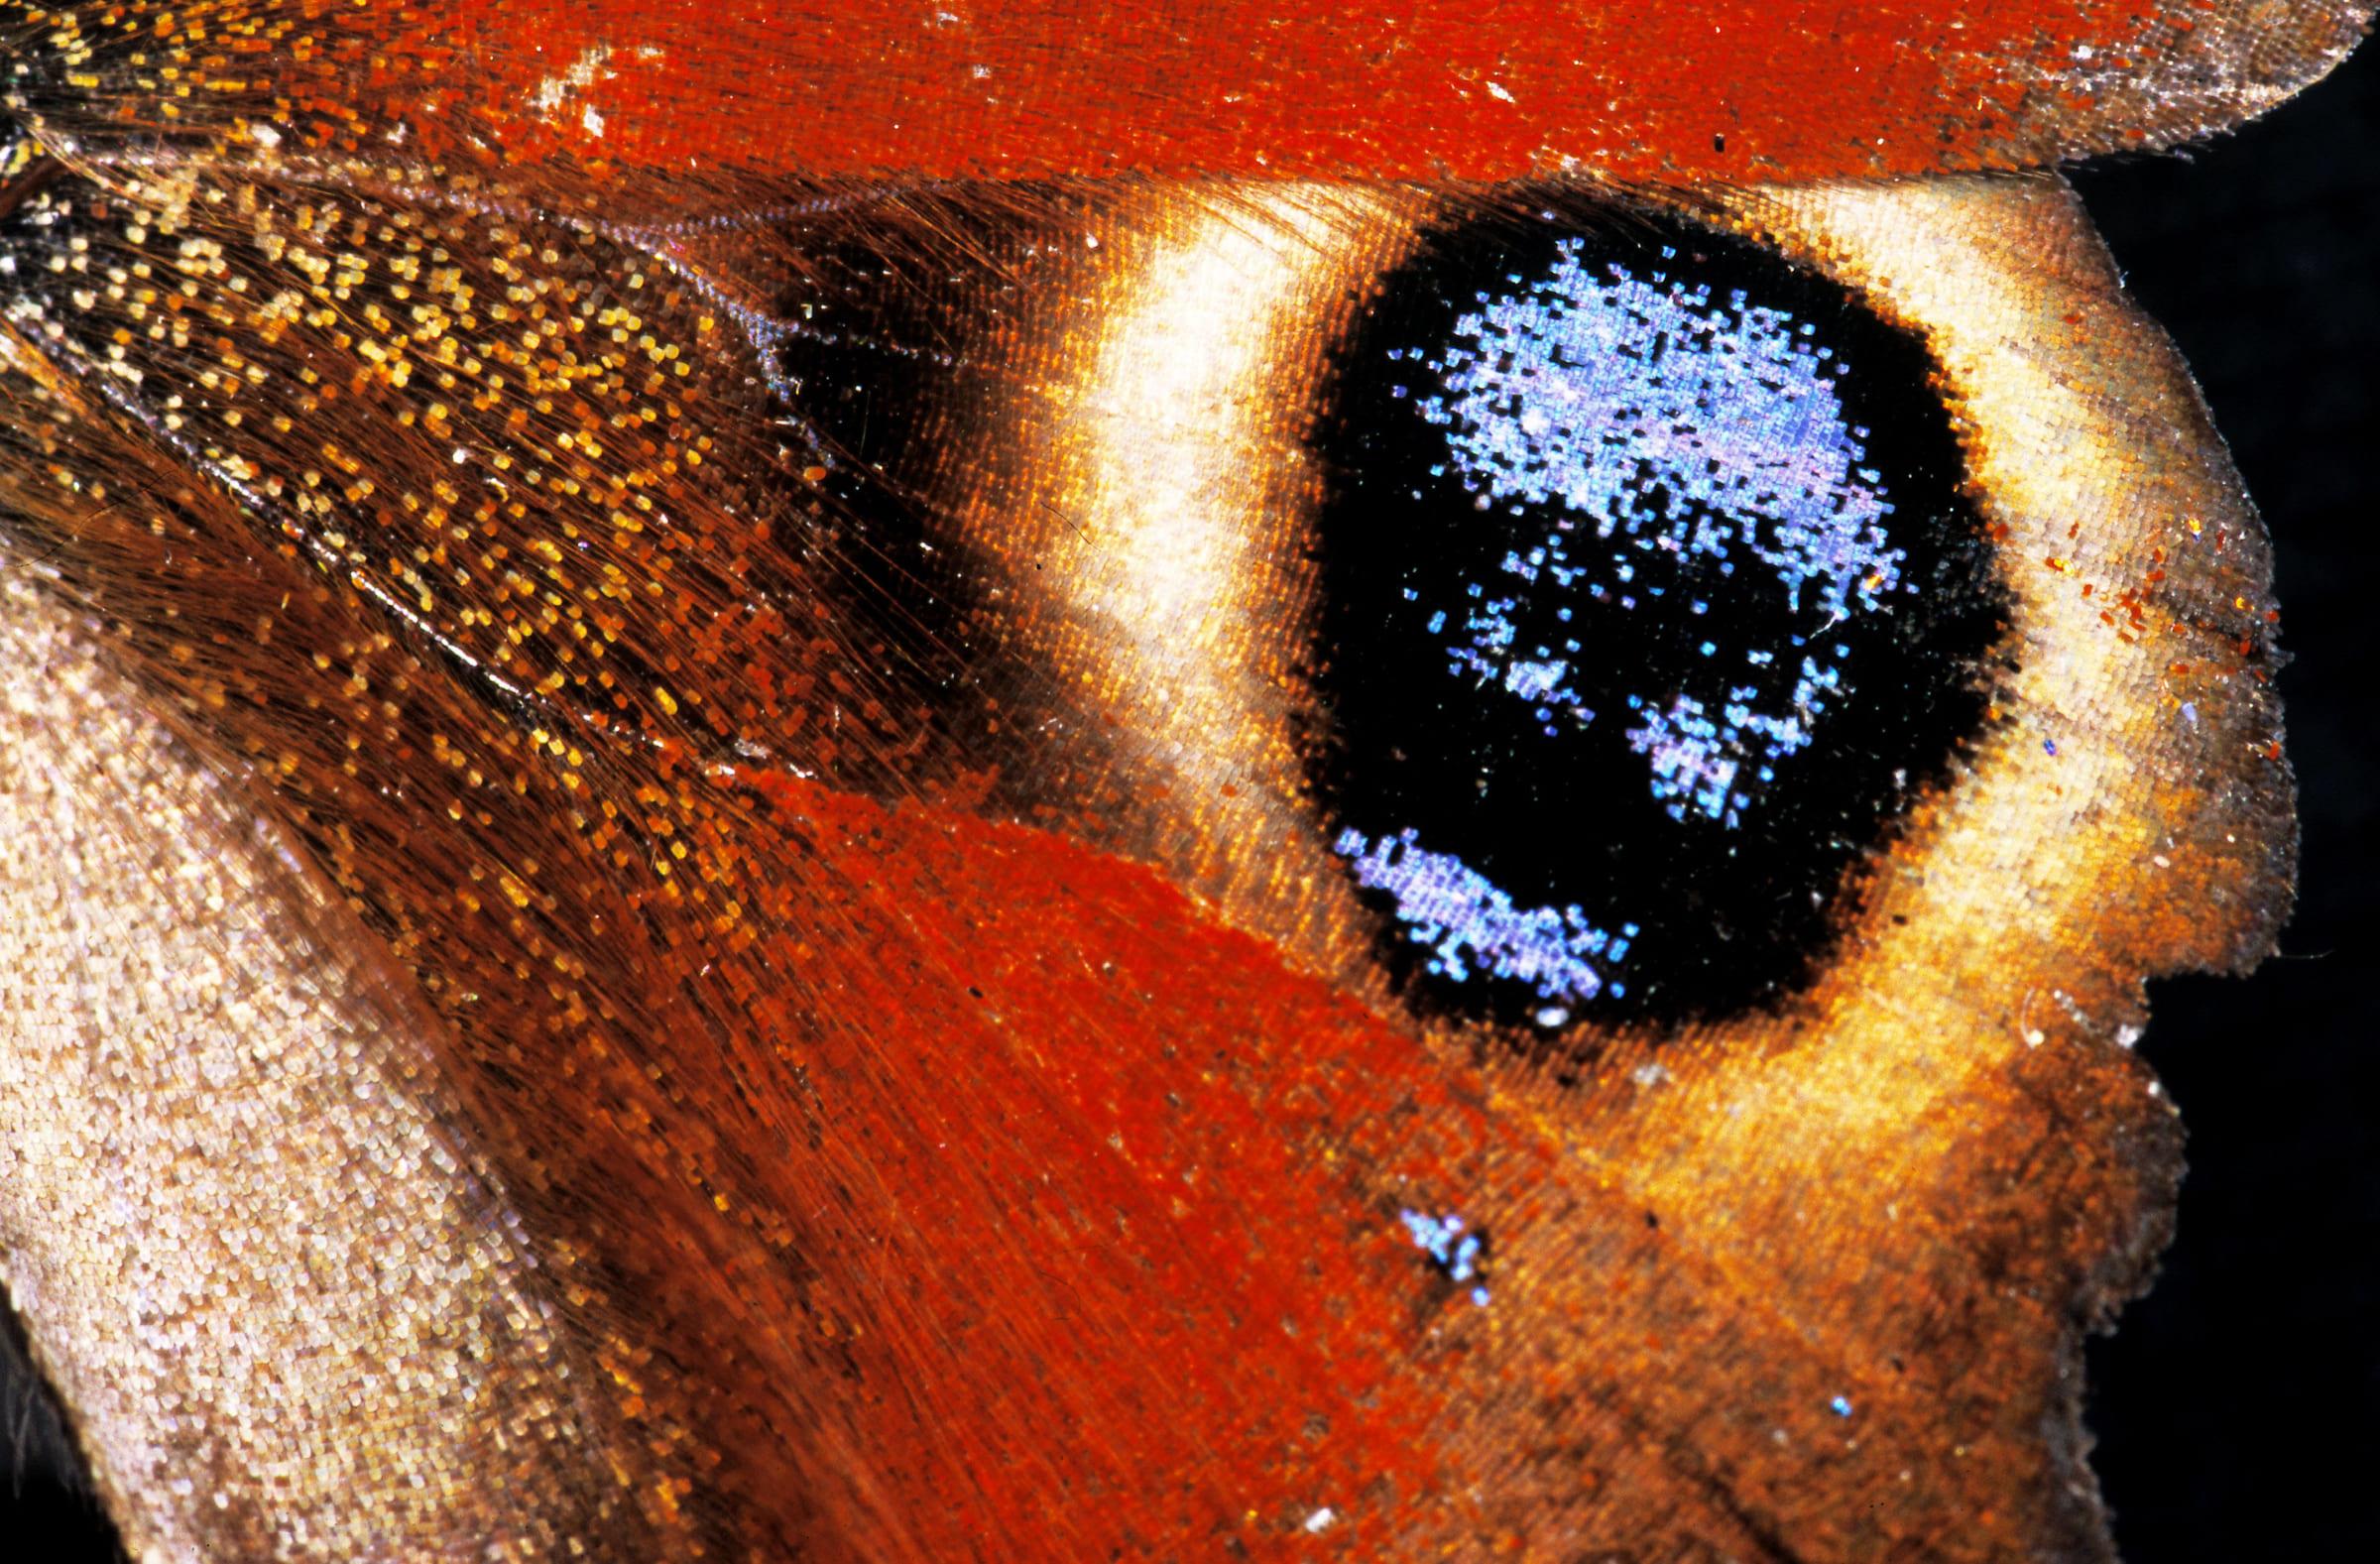 Flügel eines Tagpfauenauges